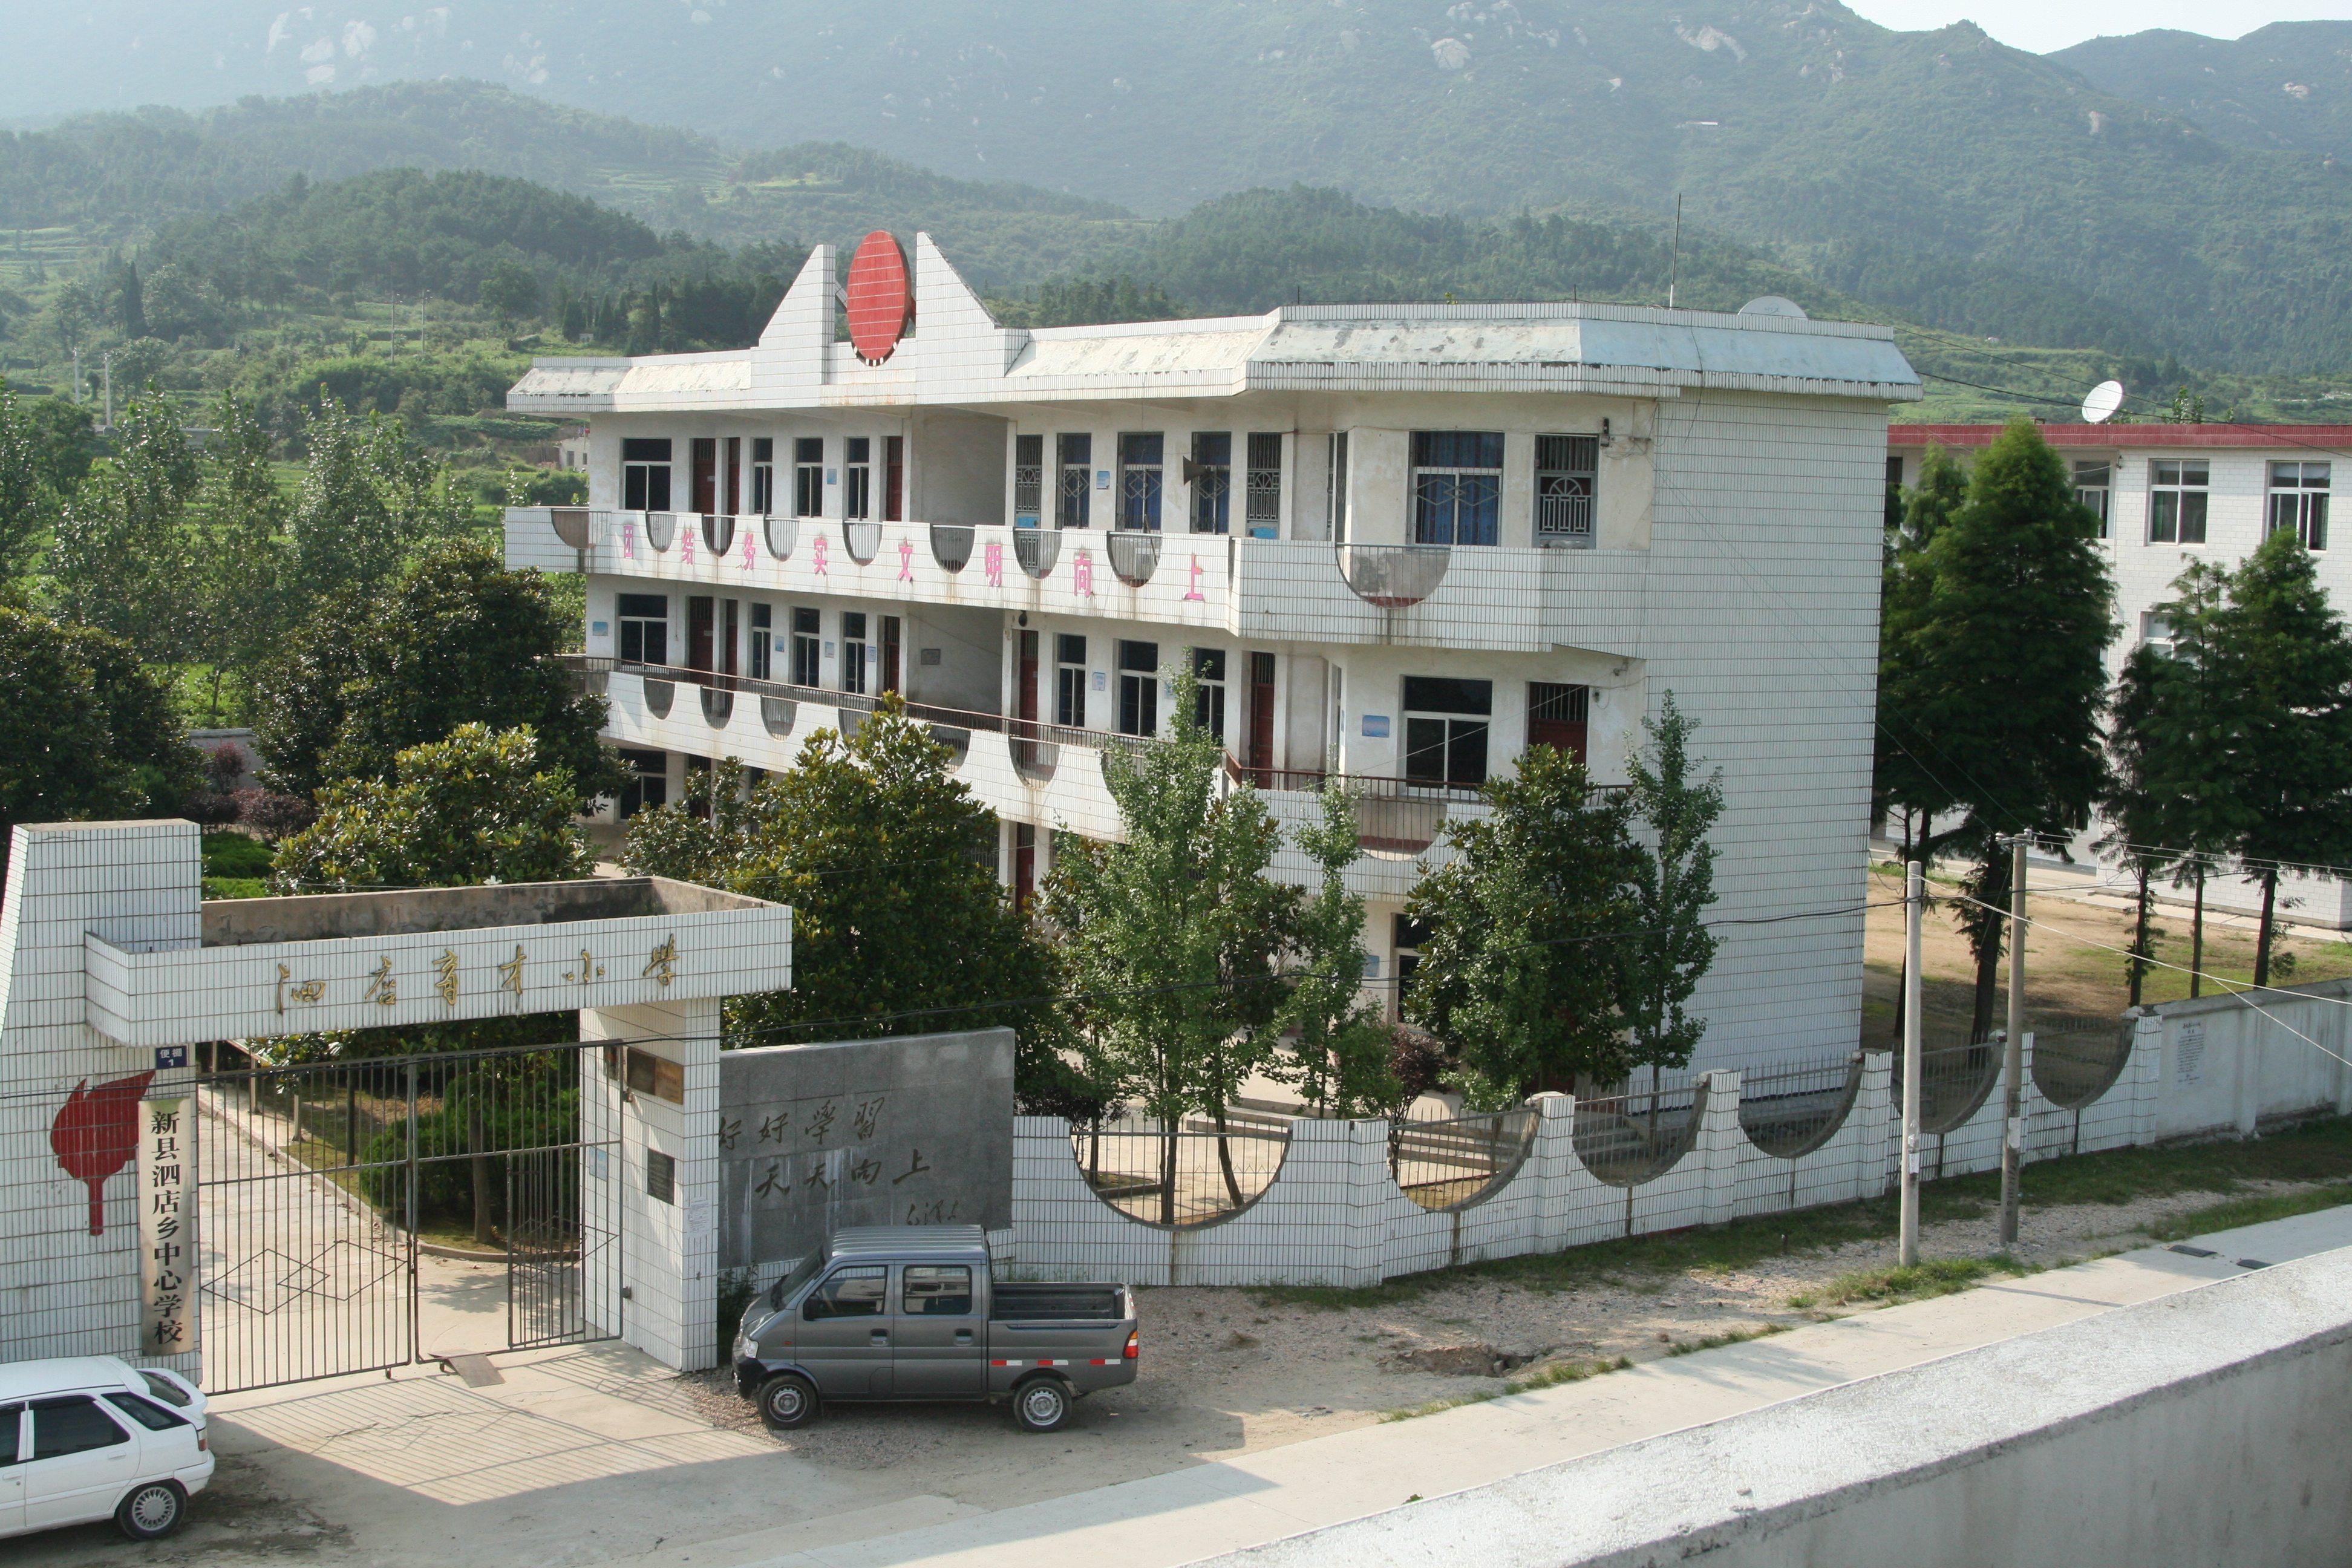 学校全称:新县泗店乡中心学校 具体地址:新县 教职工人数:96 学生